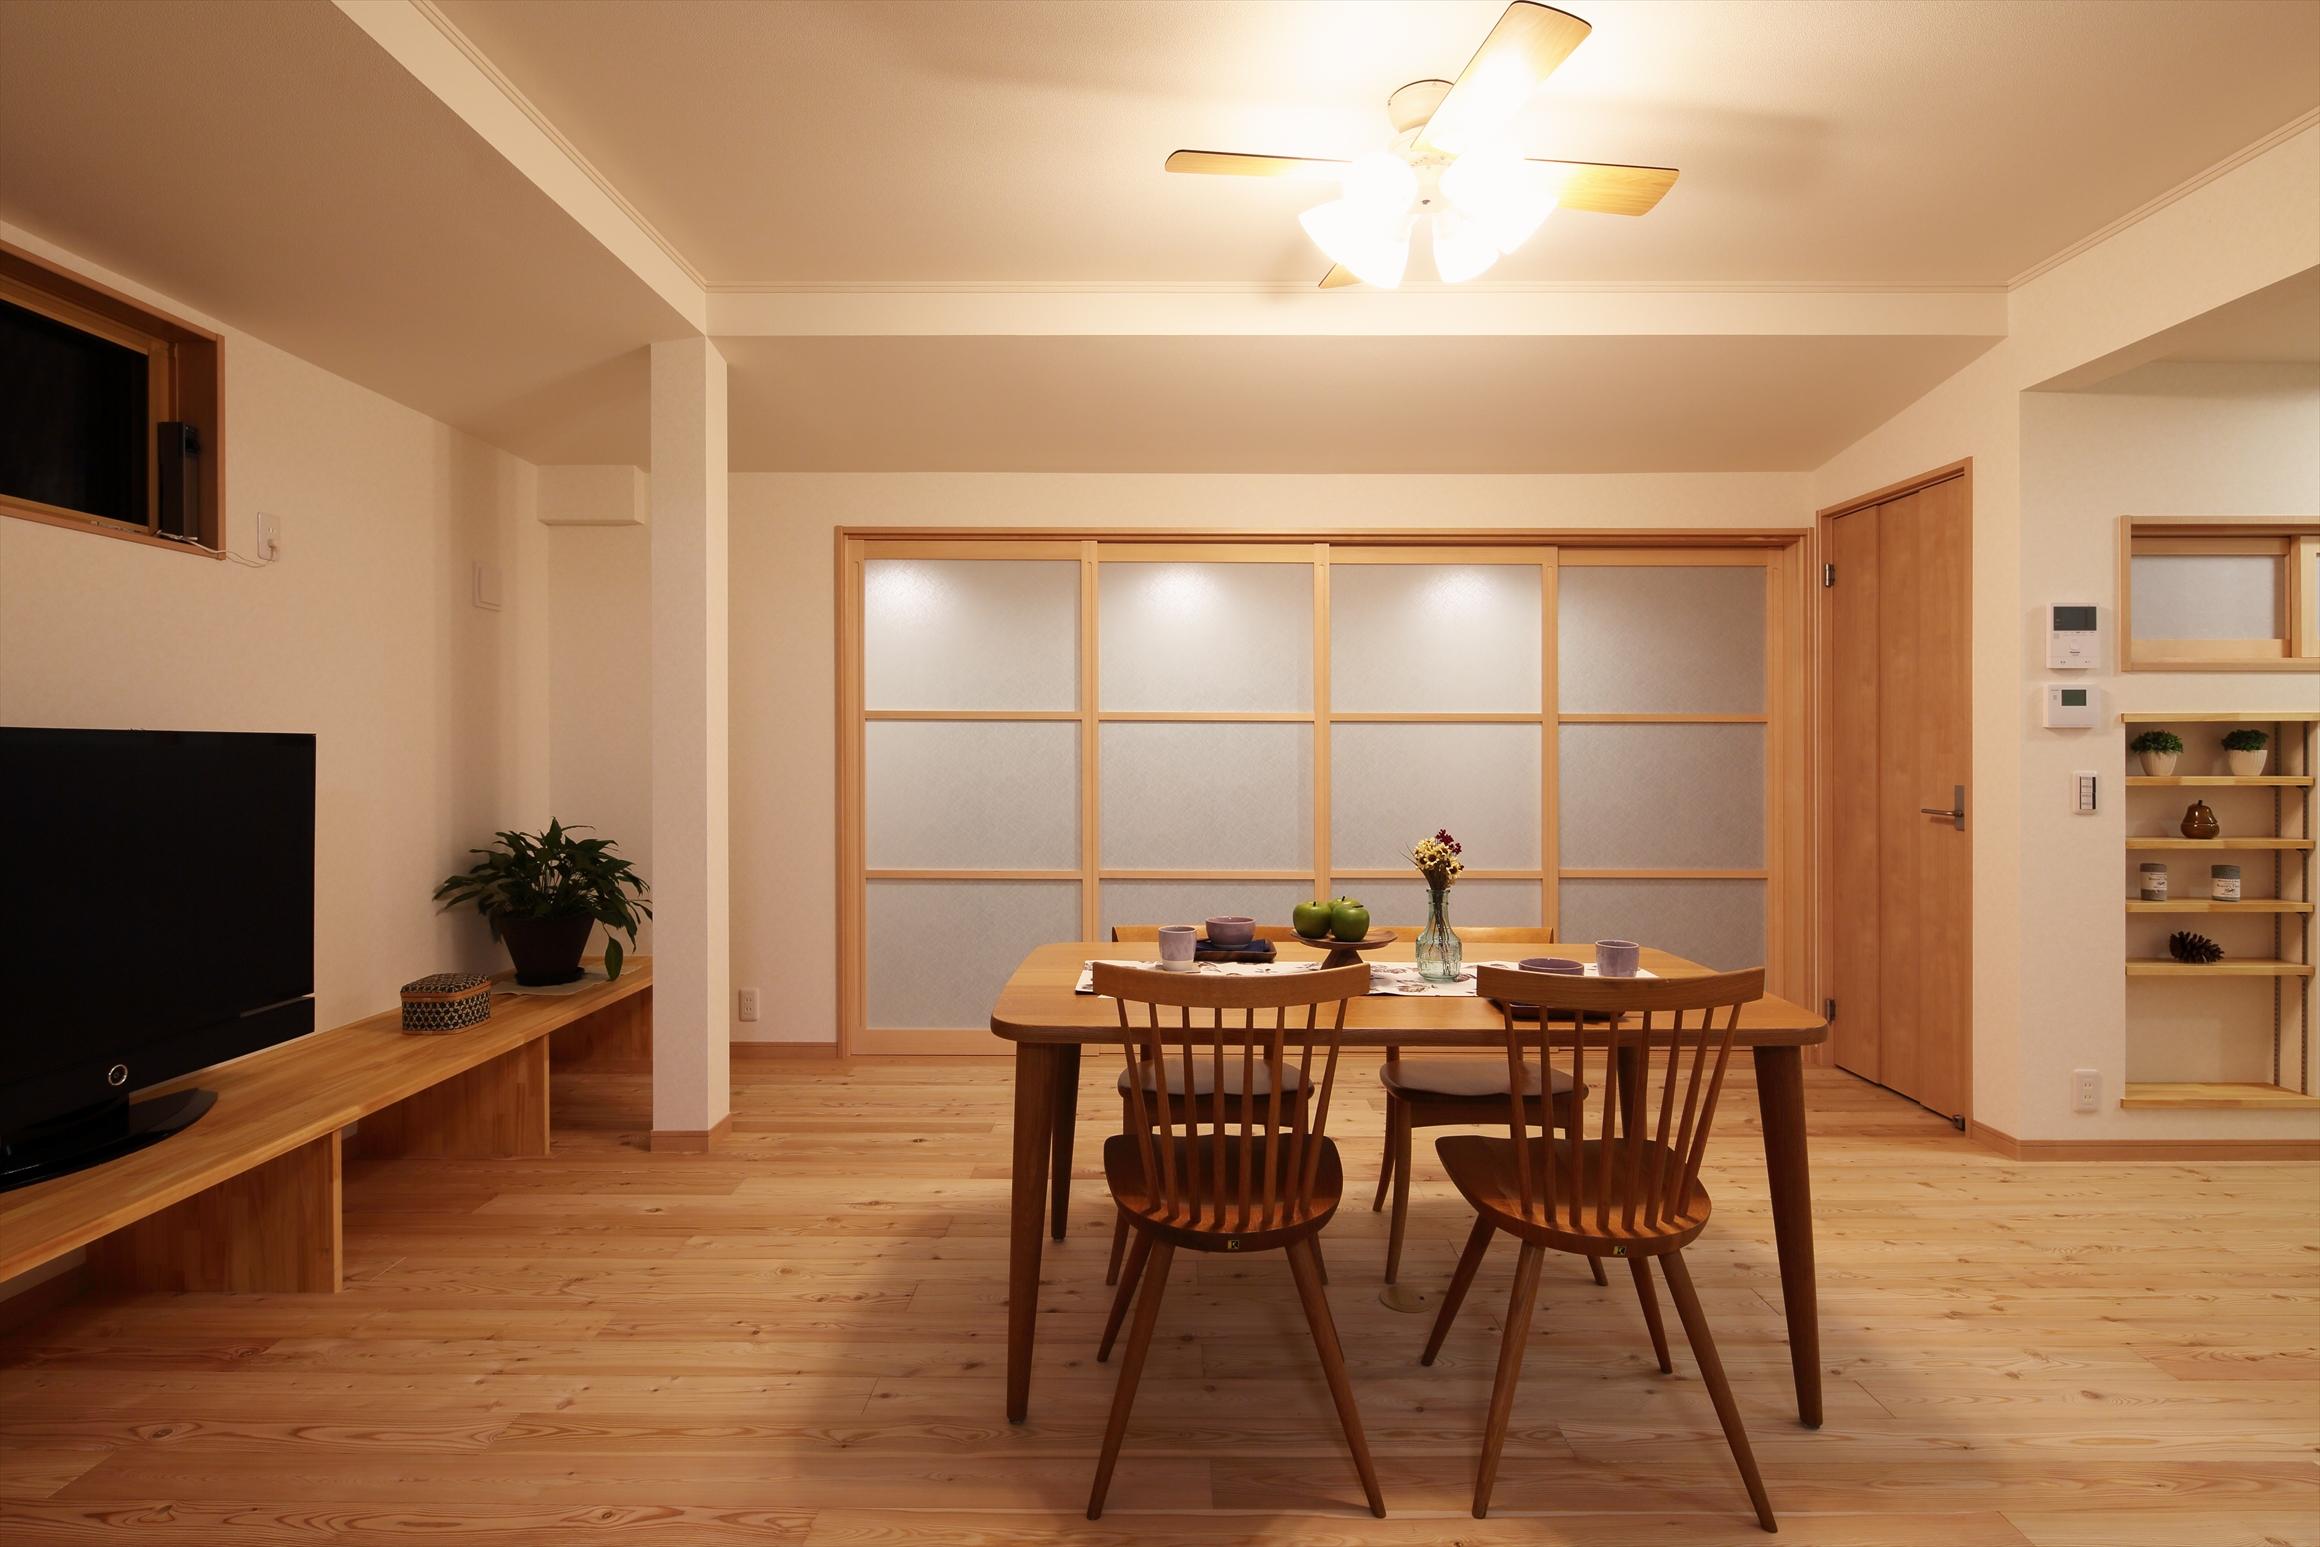 三友工務店のリフォーム・リノベーション事例 熊本市北区S様邸